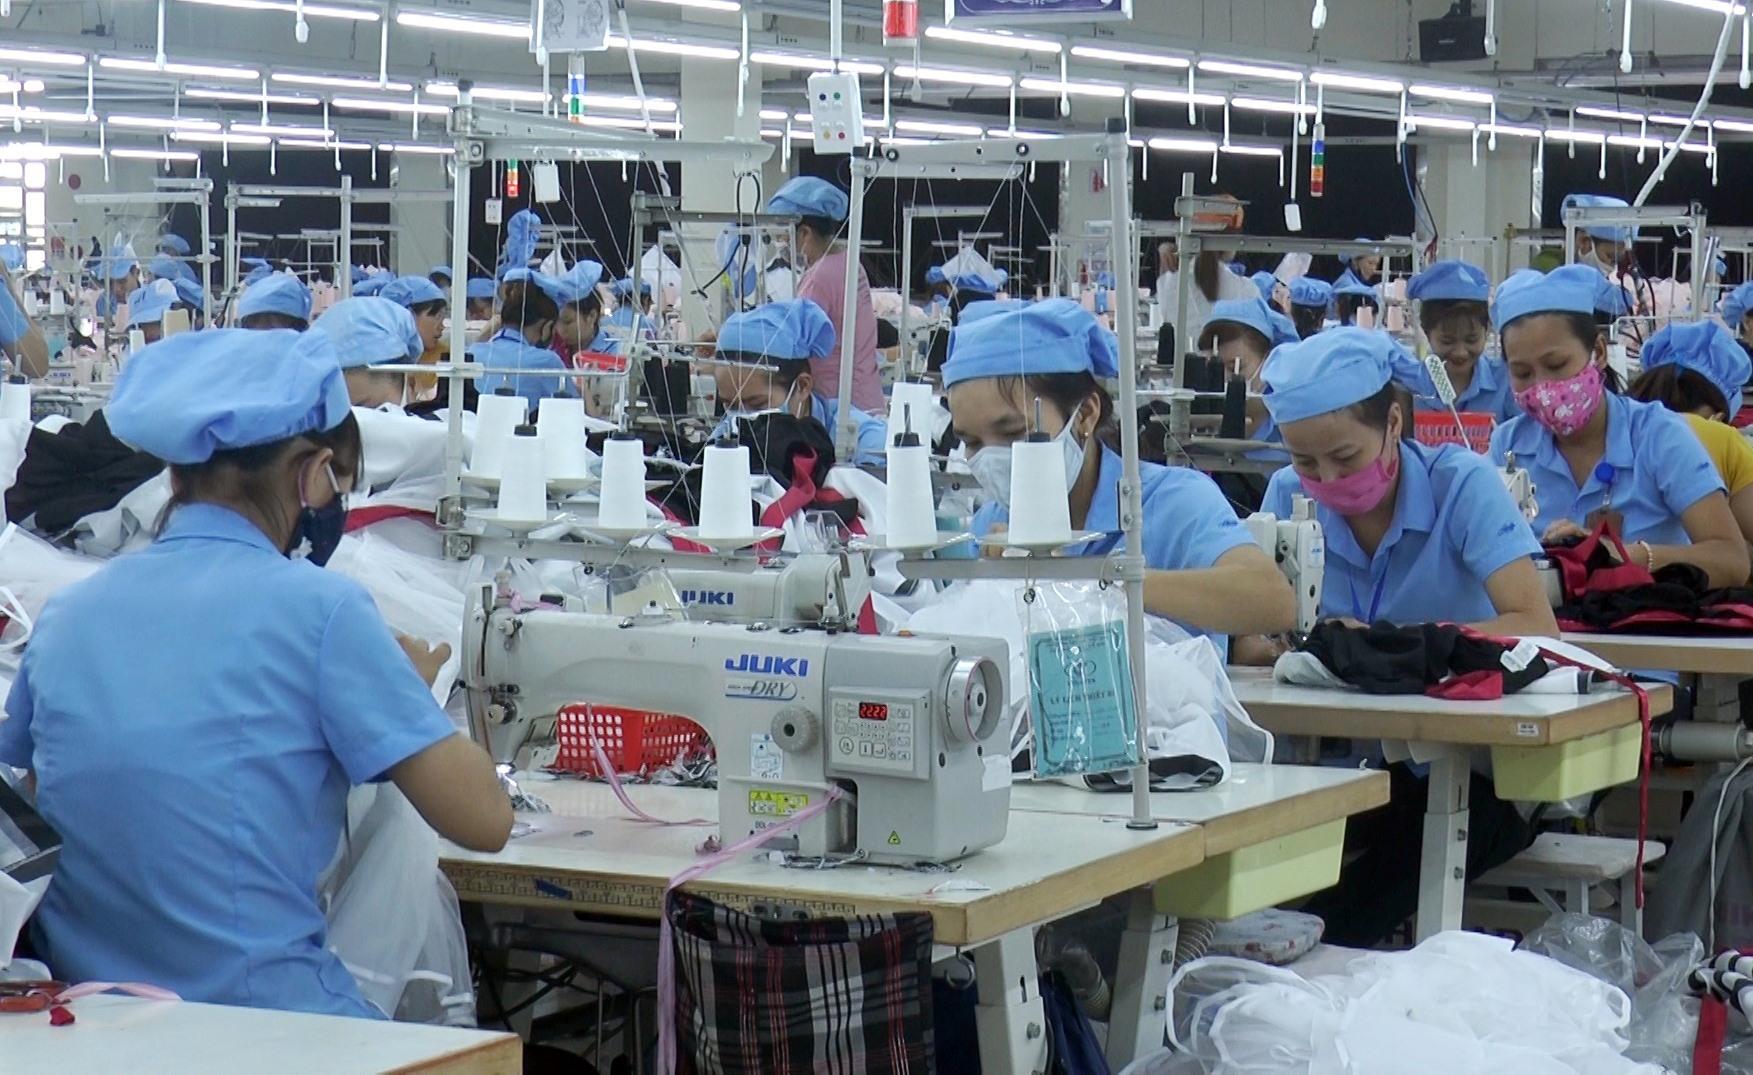 Nhiều lao động nông thôn ở Quế Sơn được đào tạo nghề may công nghiệp có việc làm ổn định. Ảnh: T.P